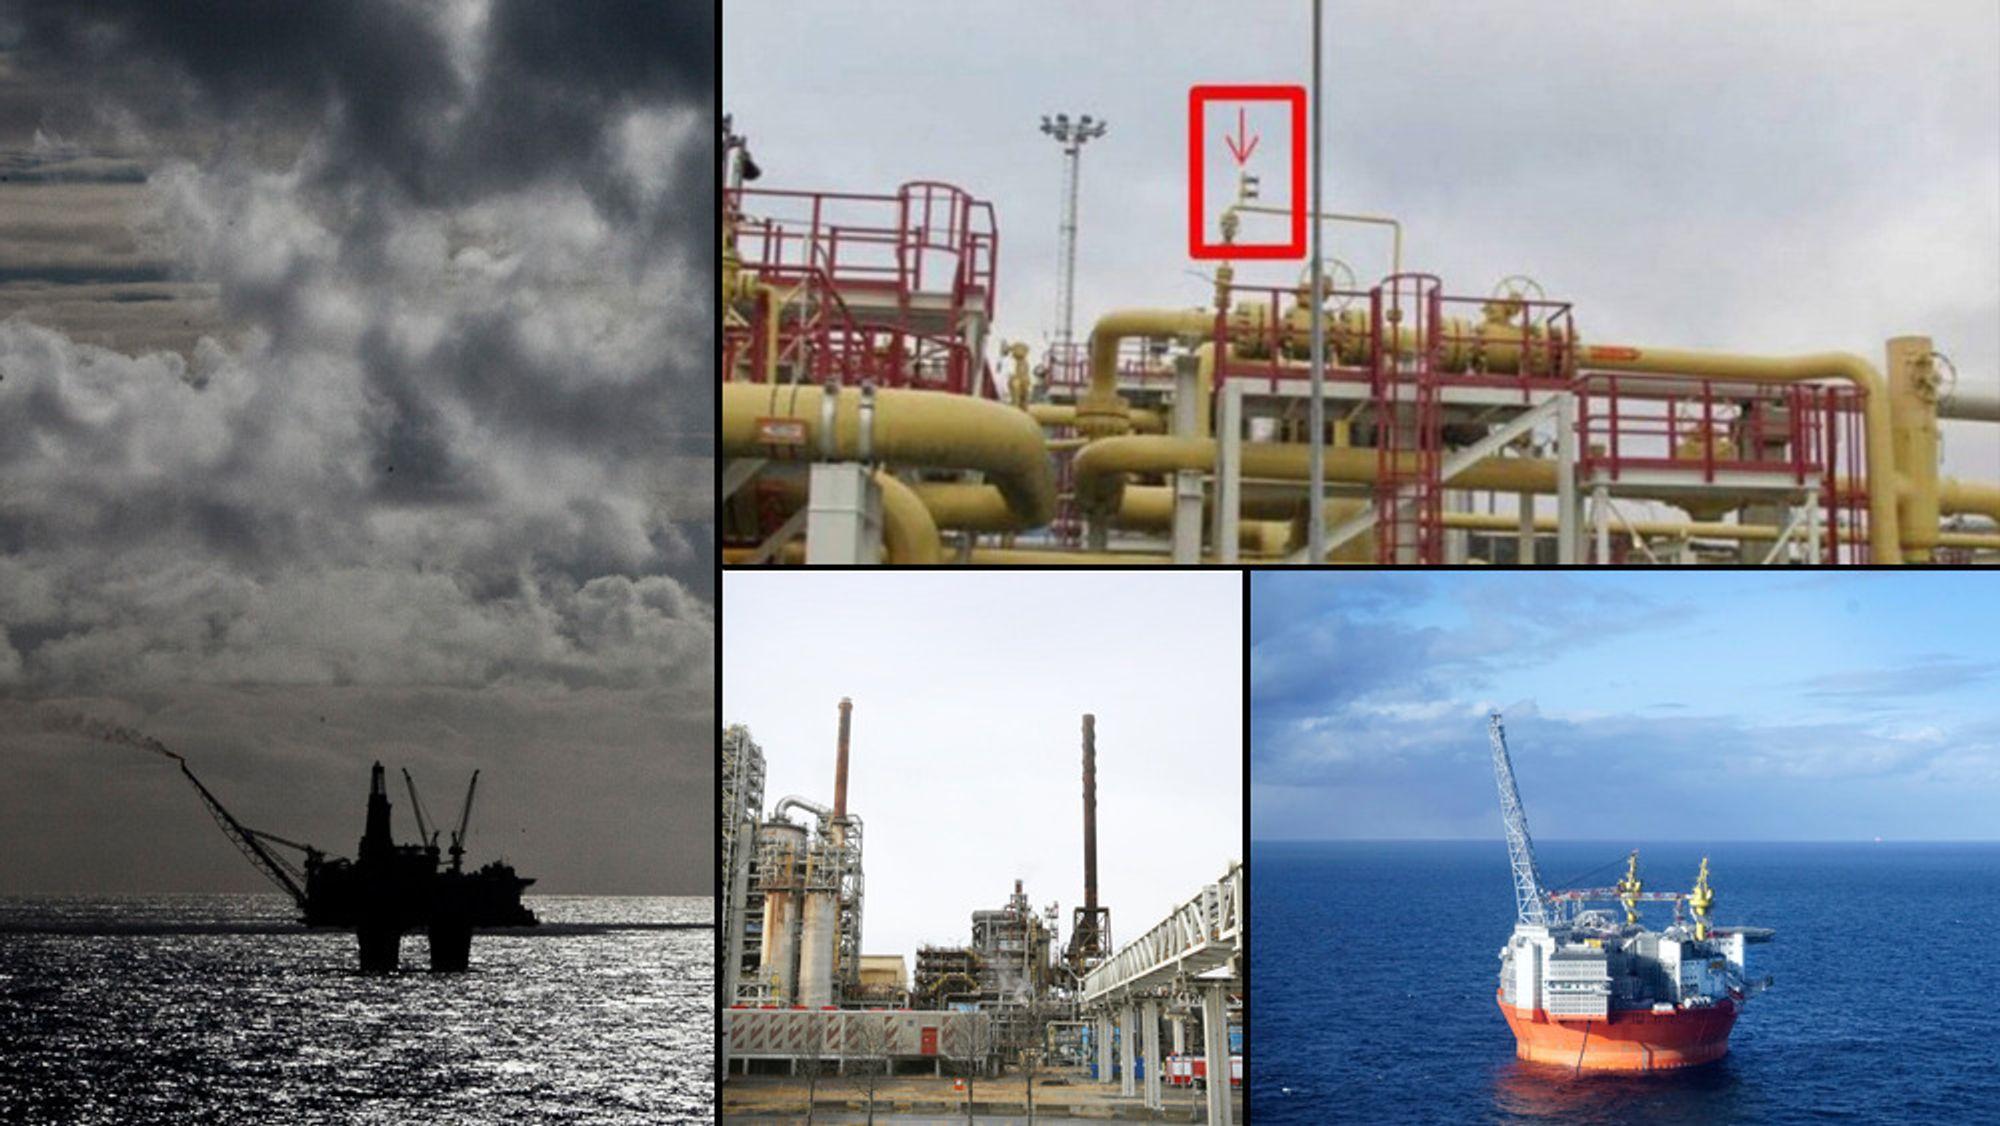 Det har aldri kommet inn så mange bekymringsmeldinger om helse og sikkerhet på norsk sokkel som i 2016, opplyser Petroleumstilsynet.